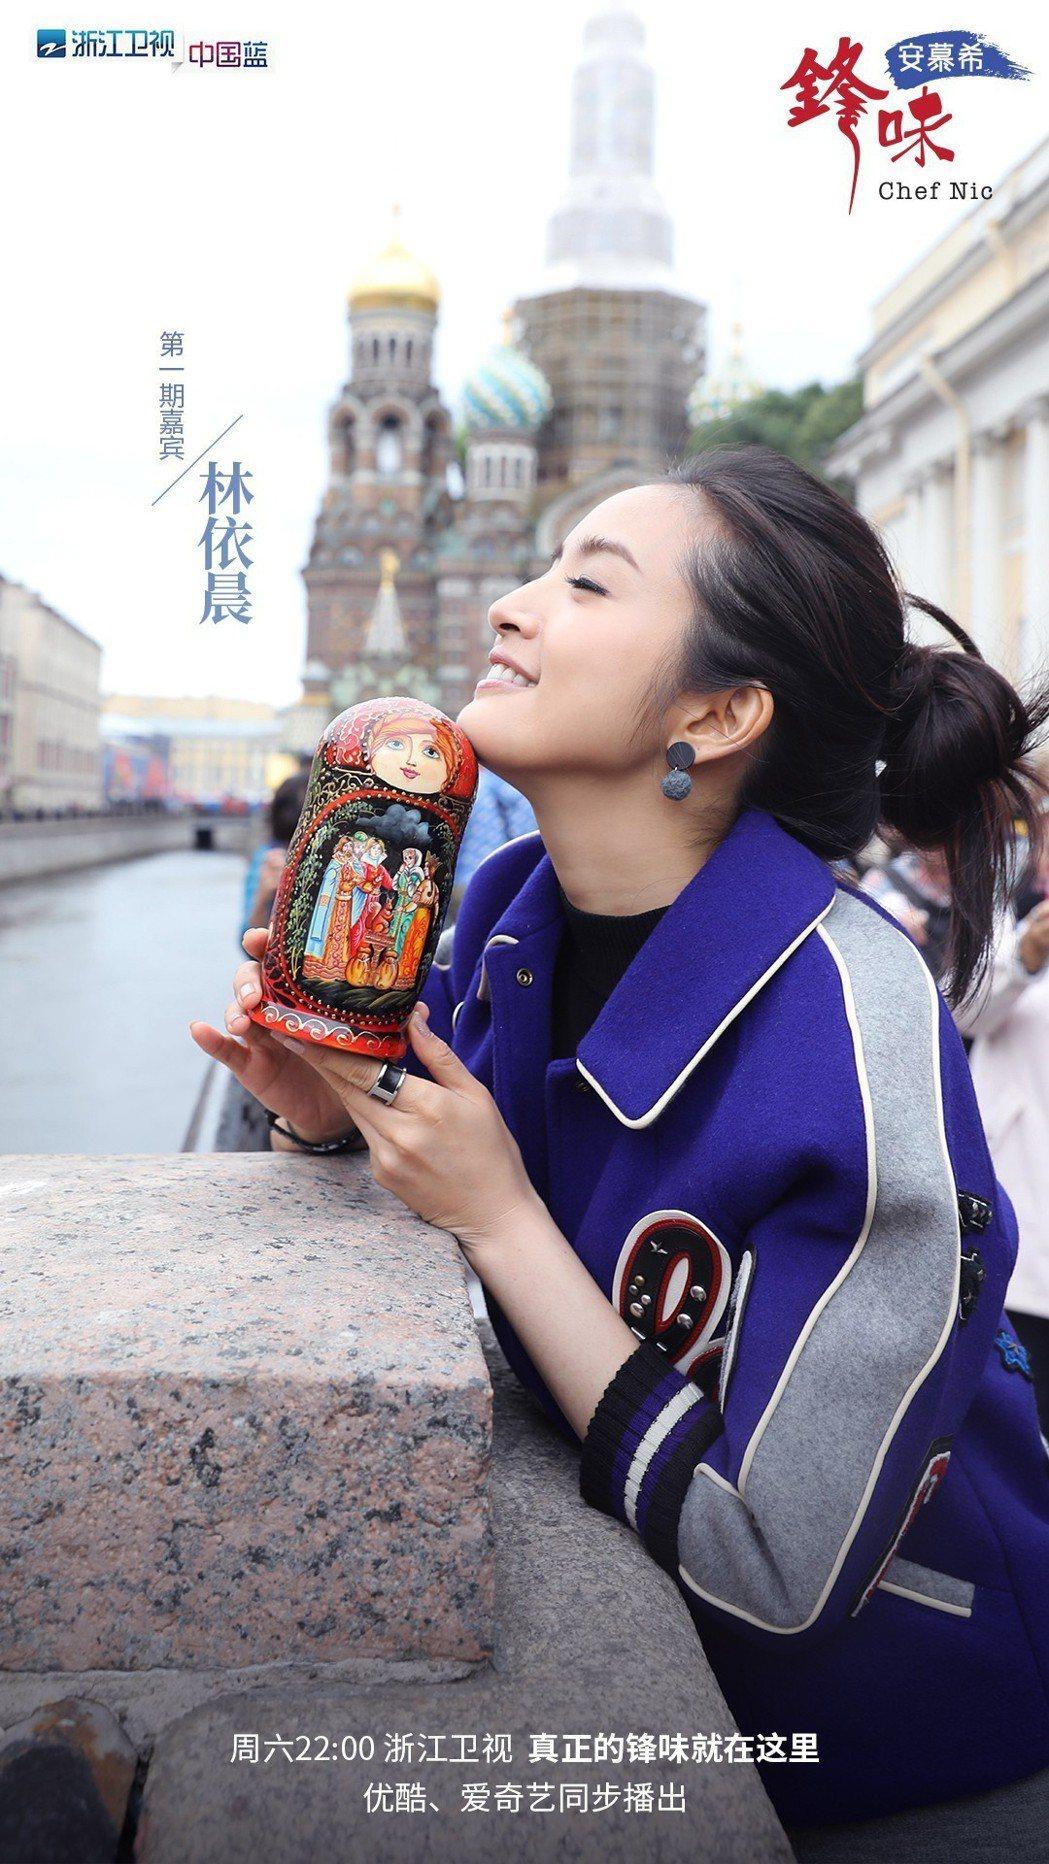 林依晨擔任大陸節目「鋒味」嘉賓。圖/周子娛樂提供